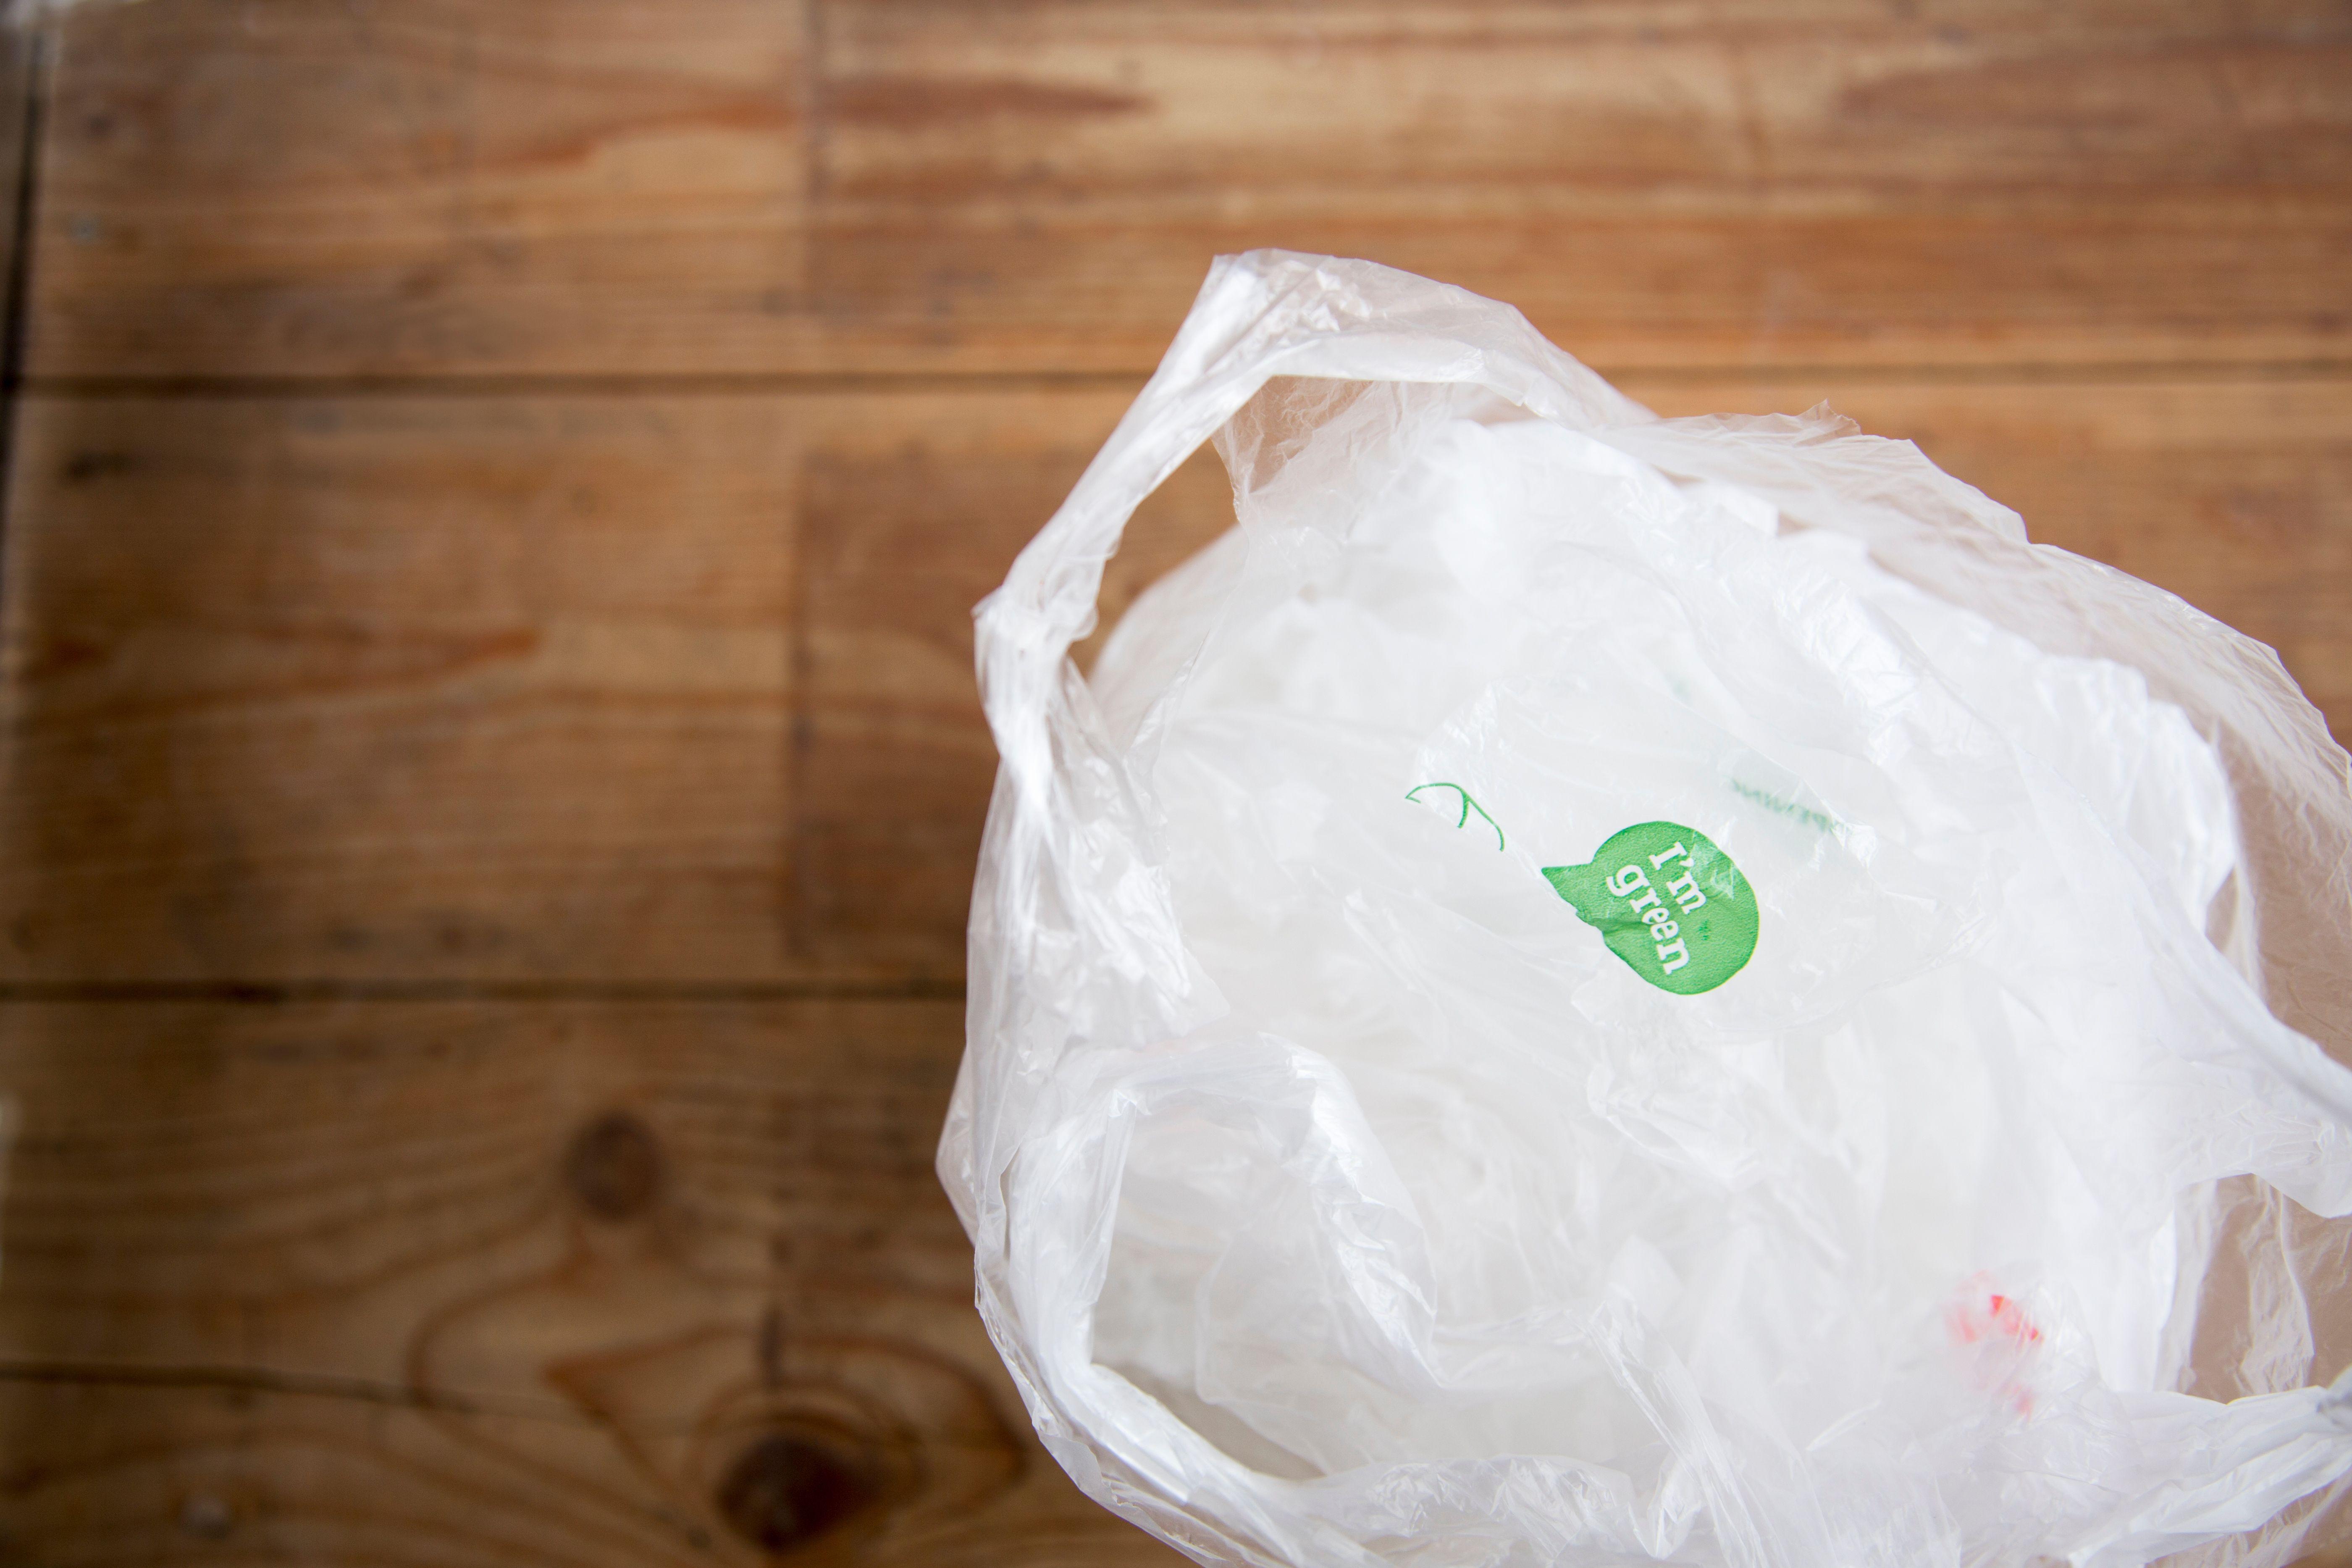 Bolsas de plástico reciclables en el piso de madera